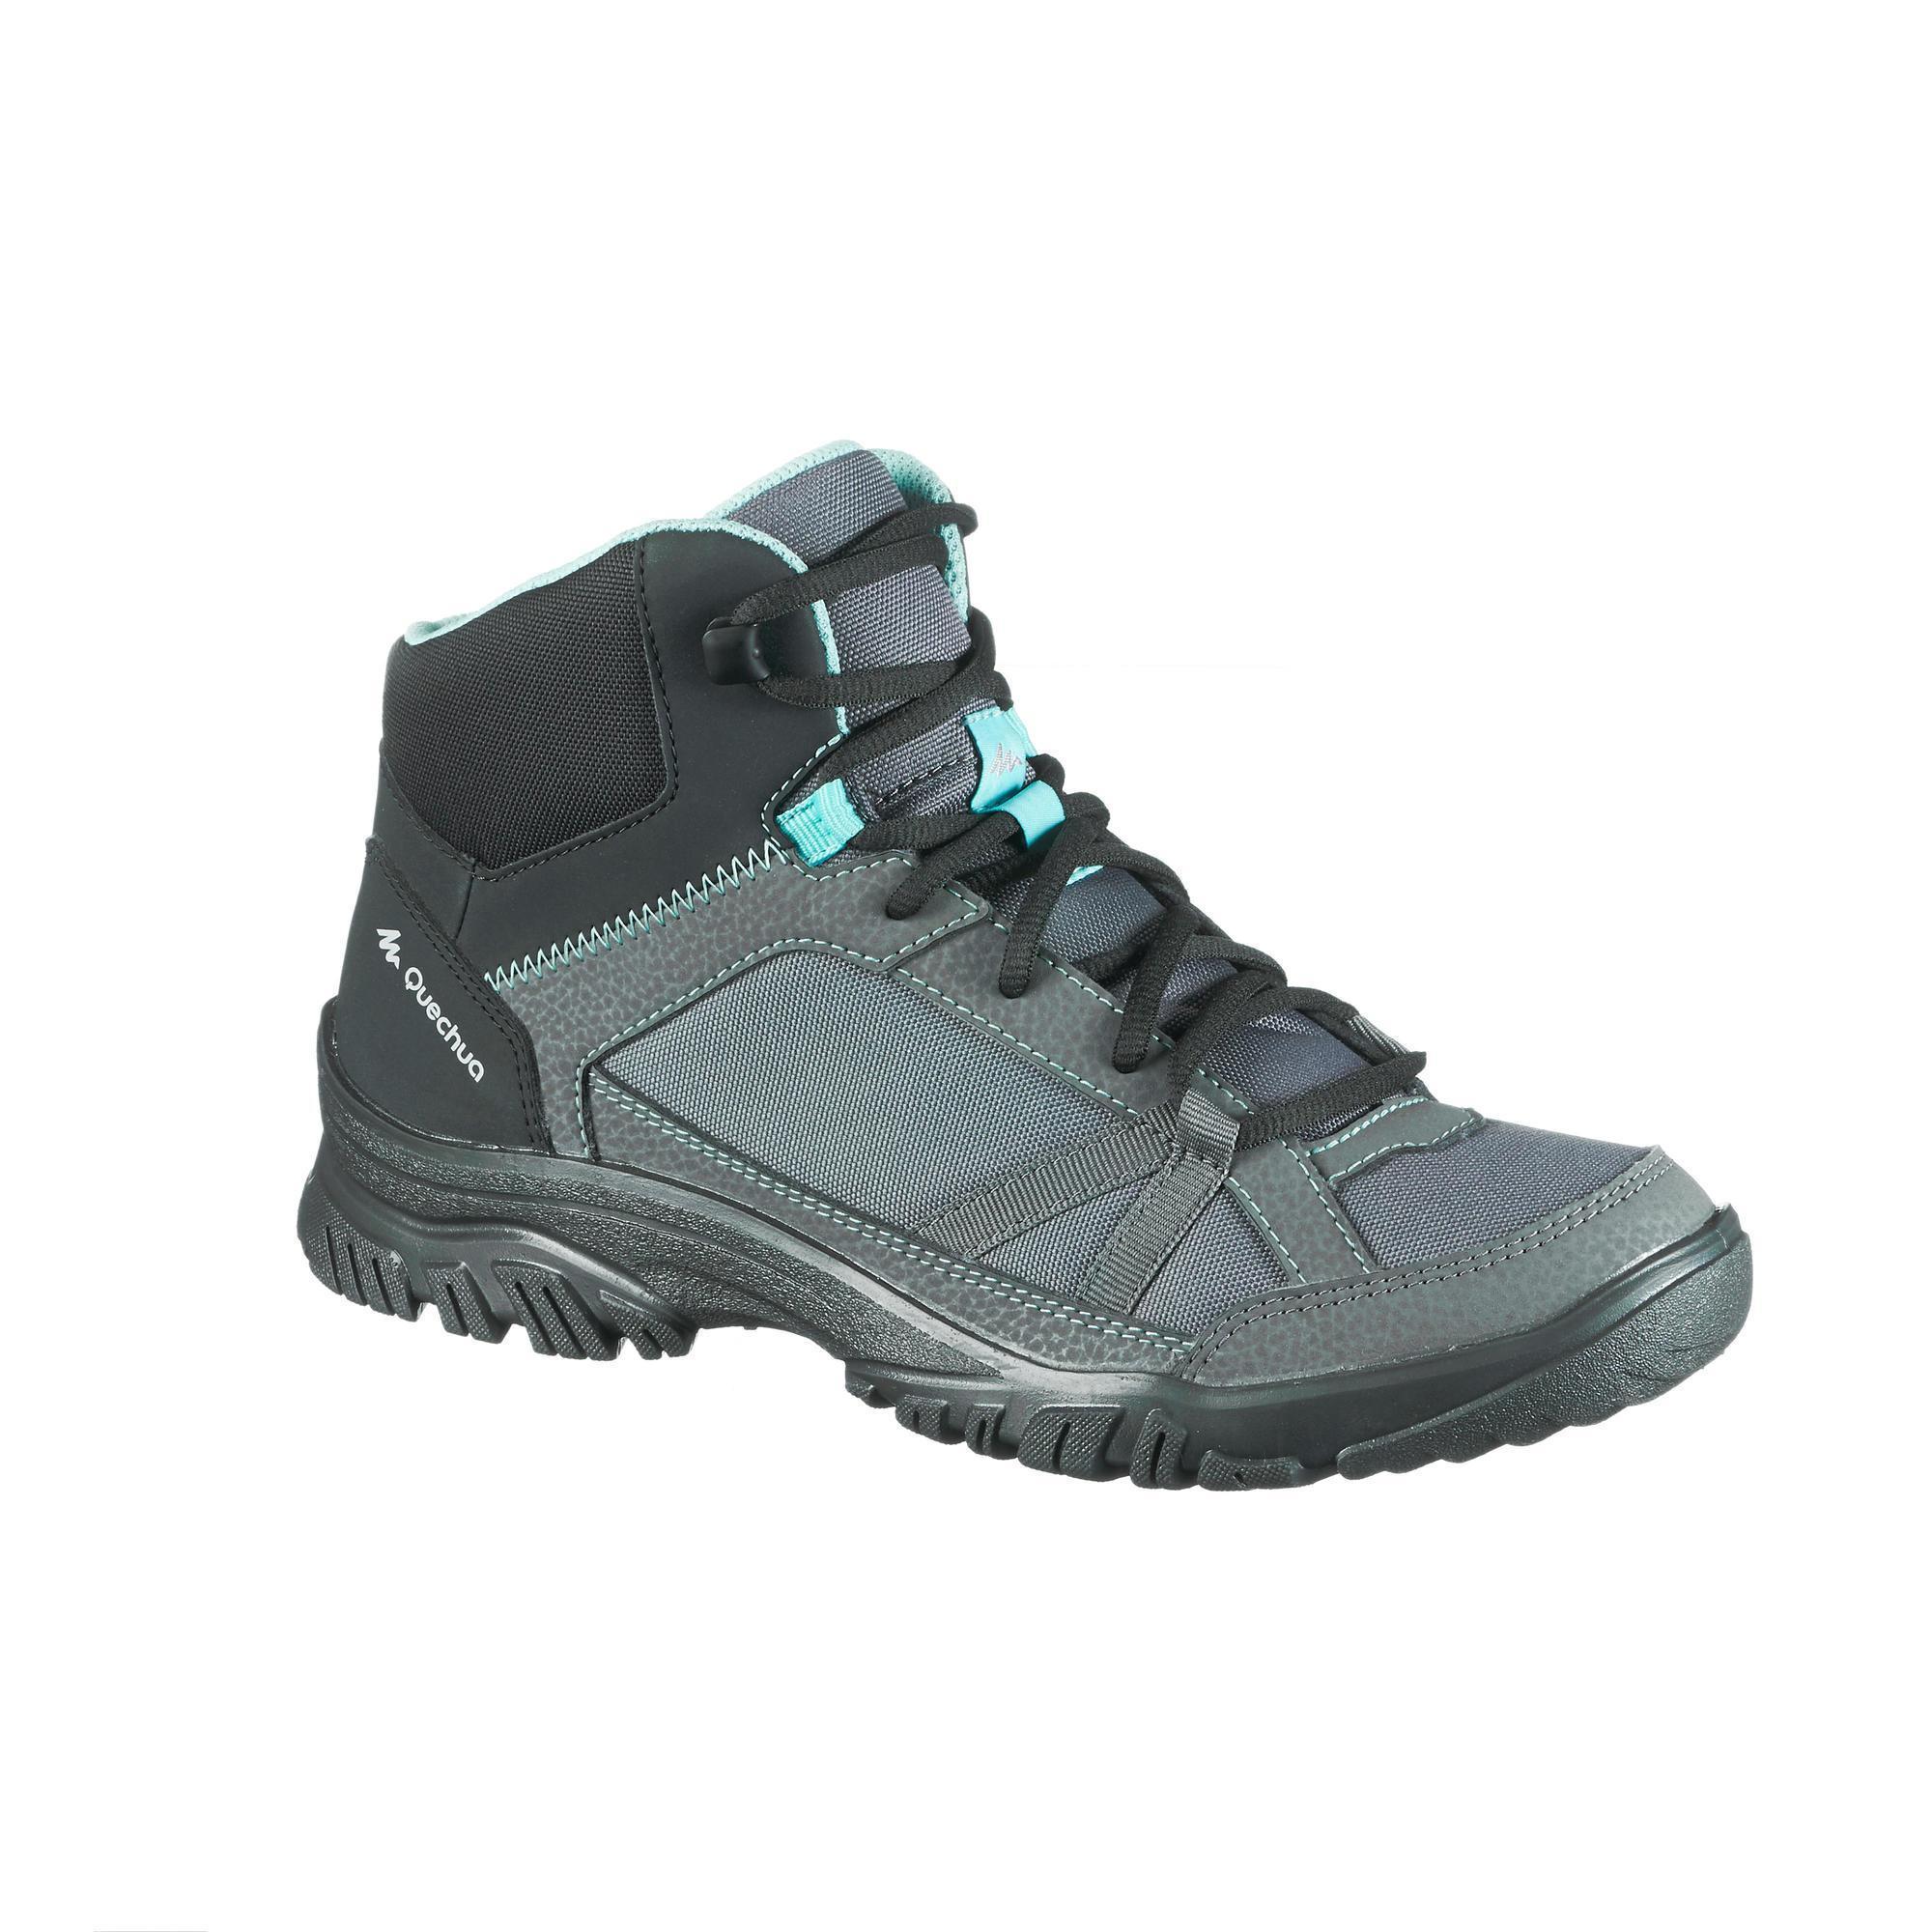 519ca43ed7f6c Comprar Botas de montaña y senderismo NH100 media caña Gris azul mujer